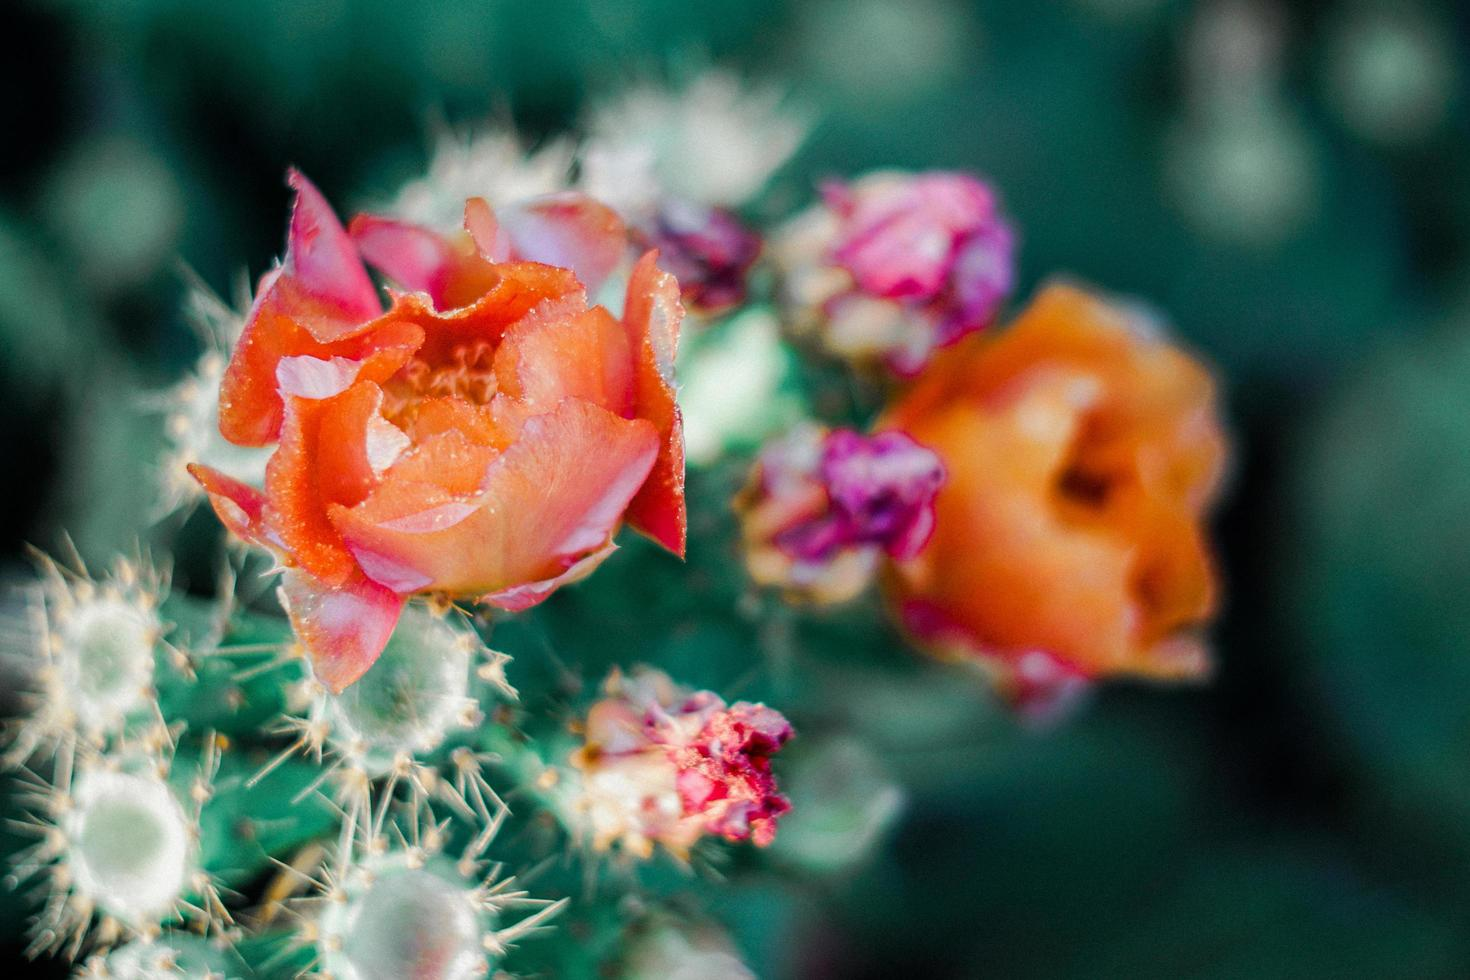 oranje en roze bloemen op cactus foto